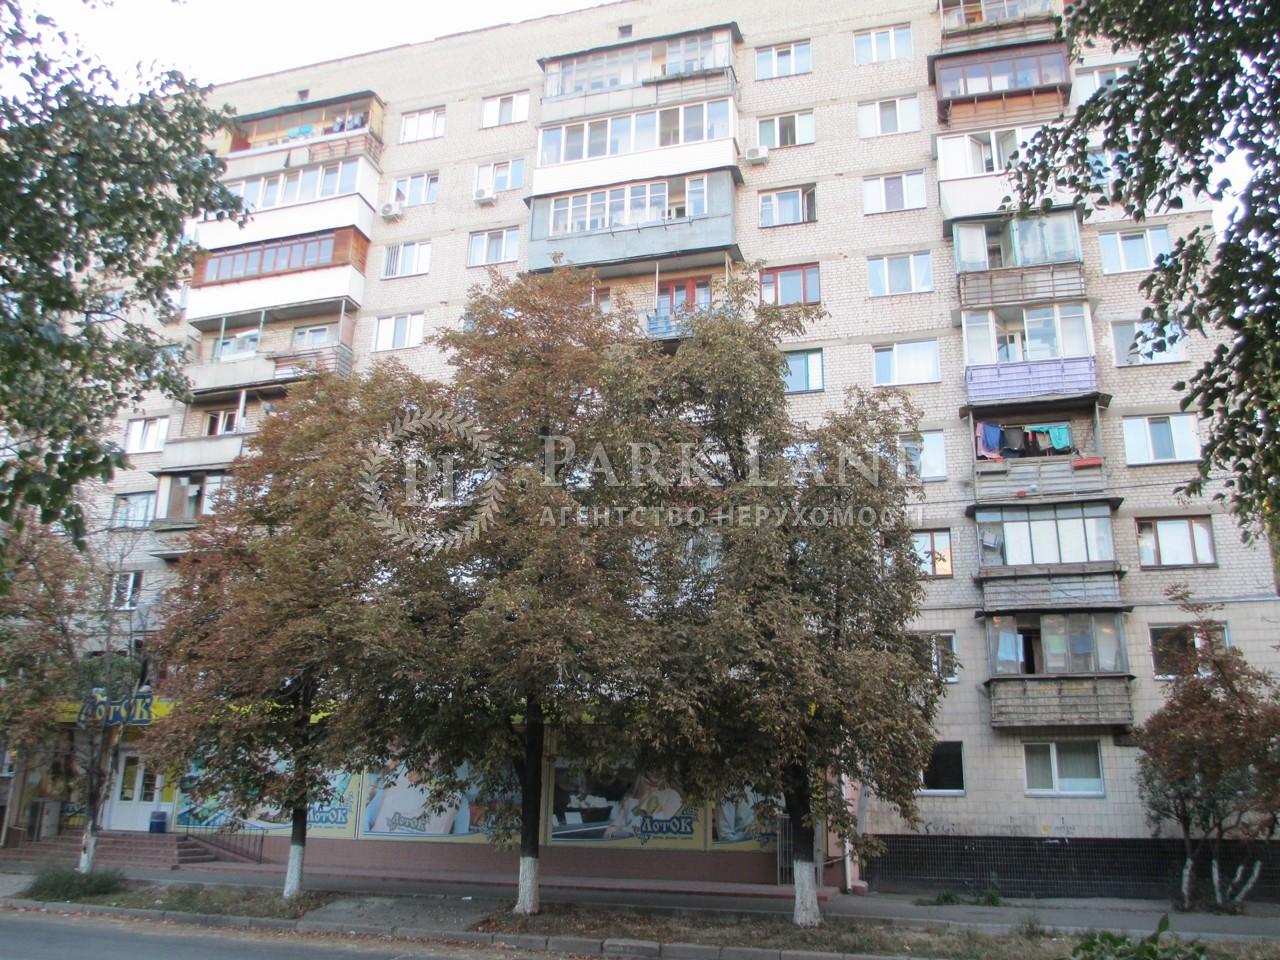 Квартира ул. Молодогвардейская, 12, Киев, J-26013 - Фото 1